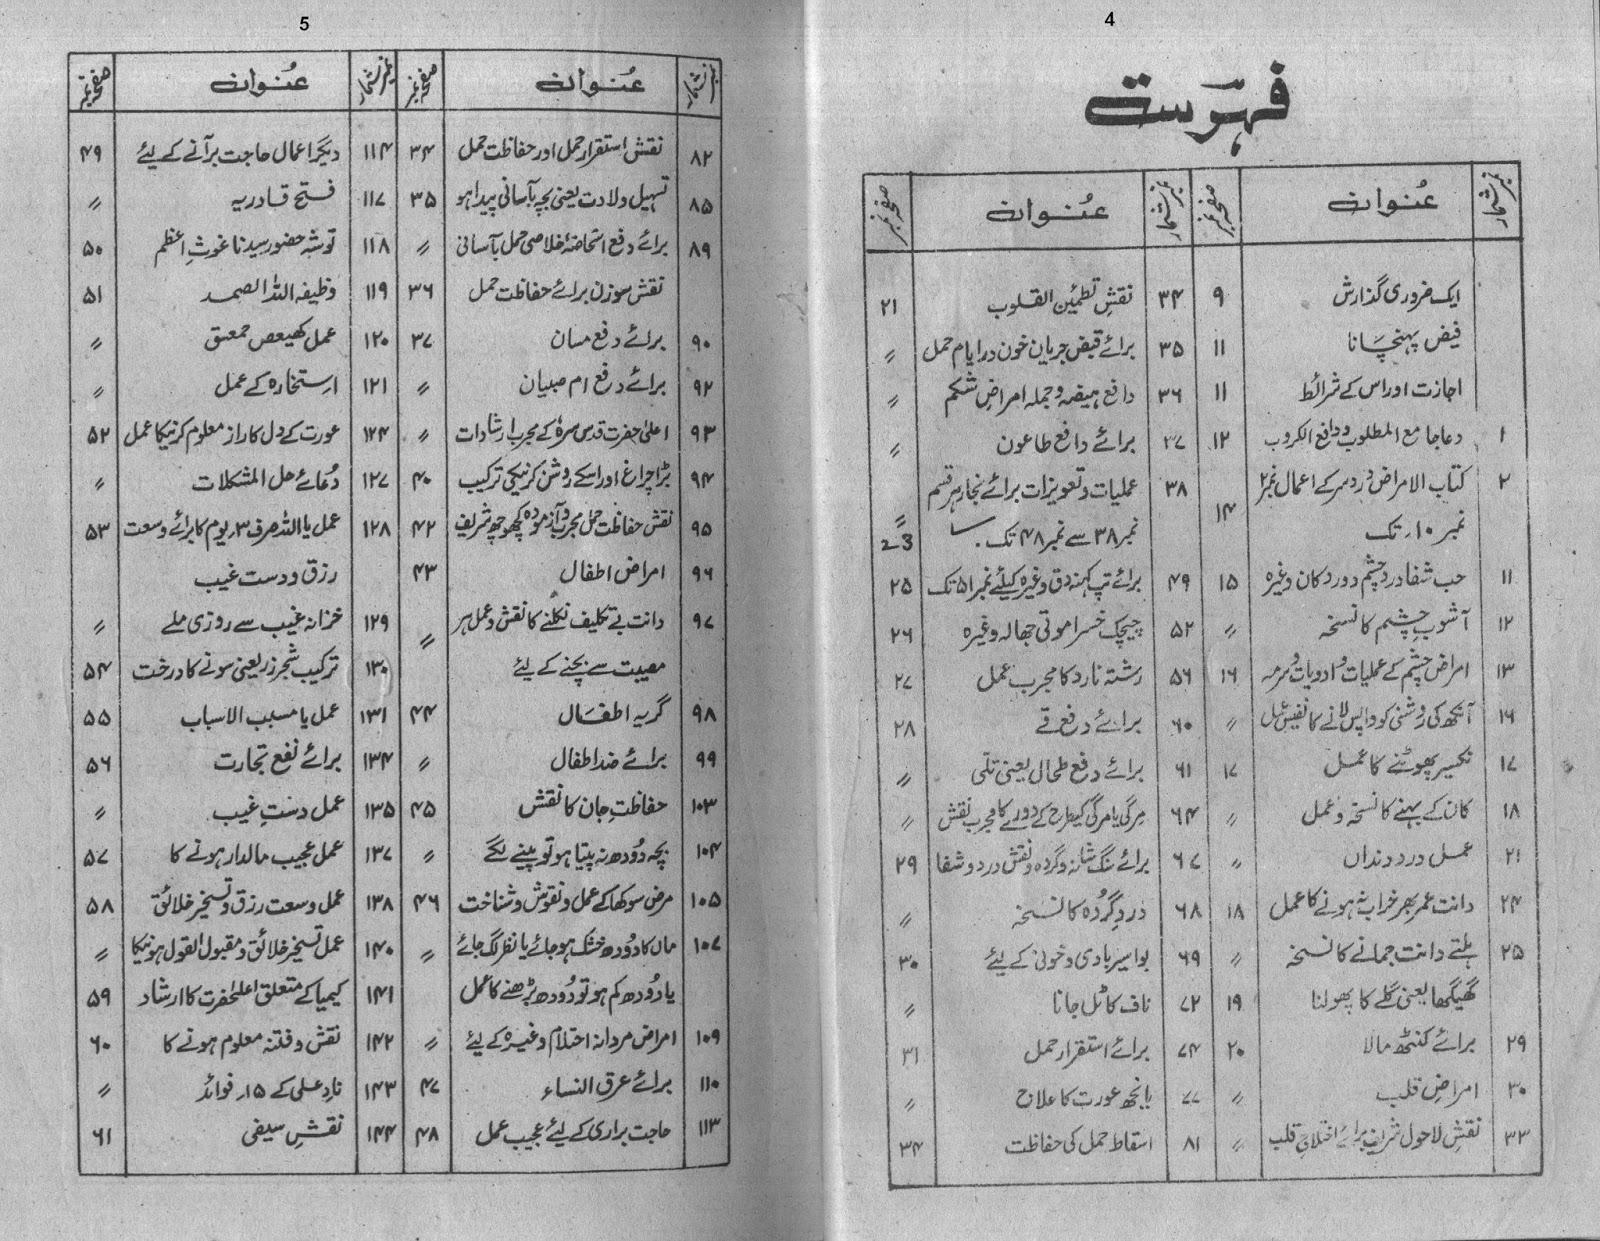 Shama shabistan e-raza urdu book free